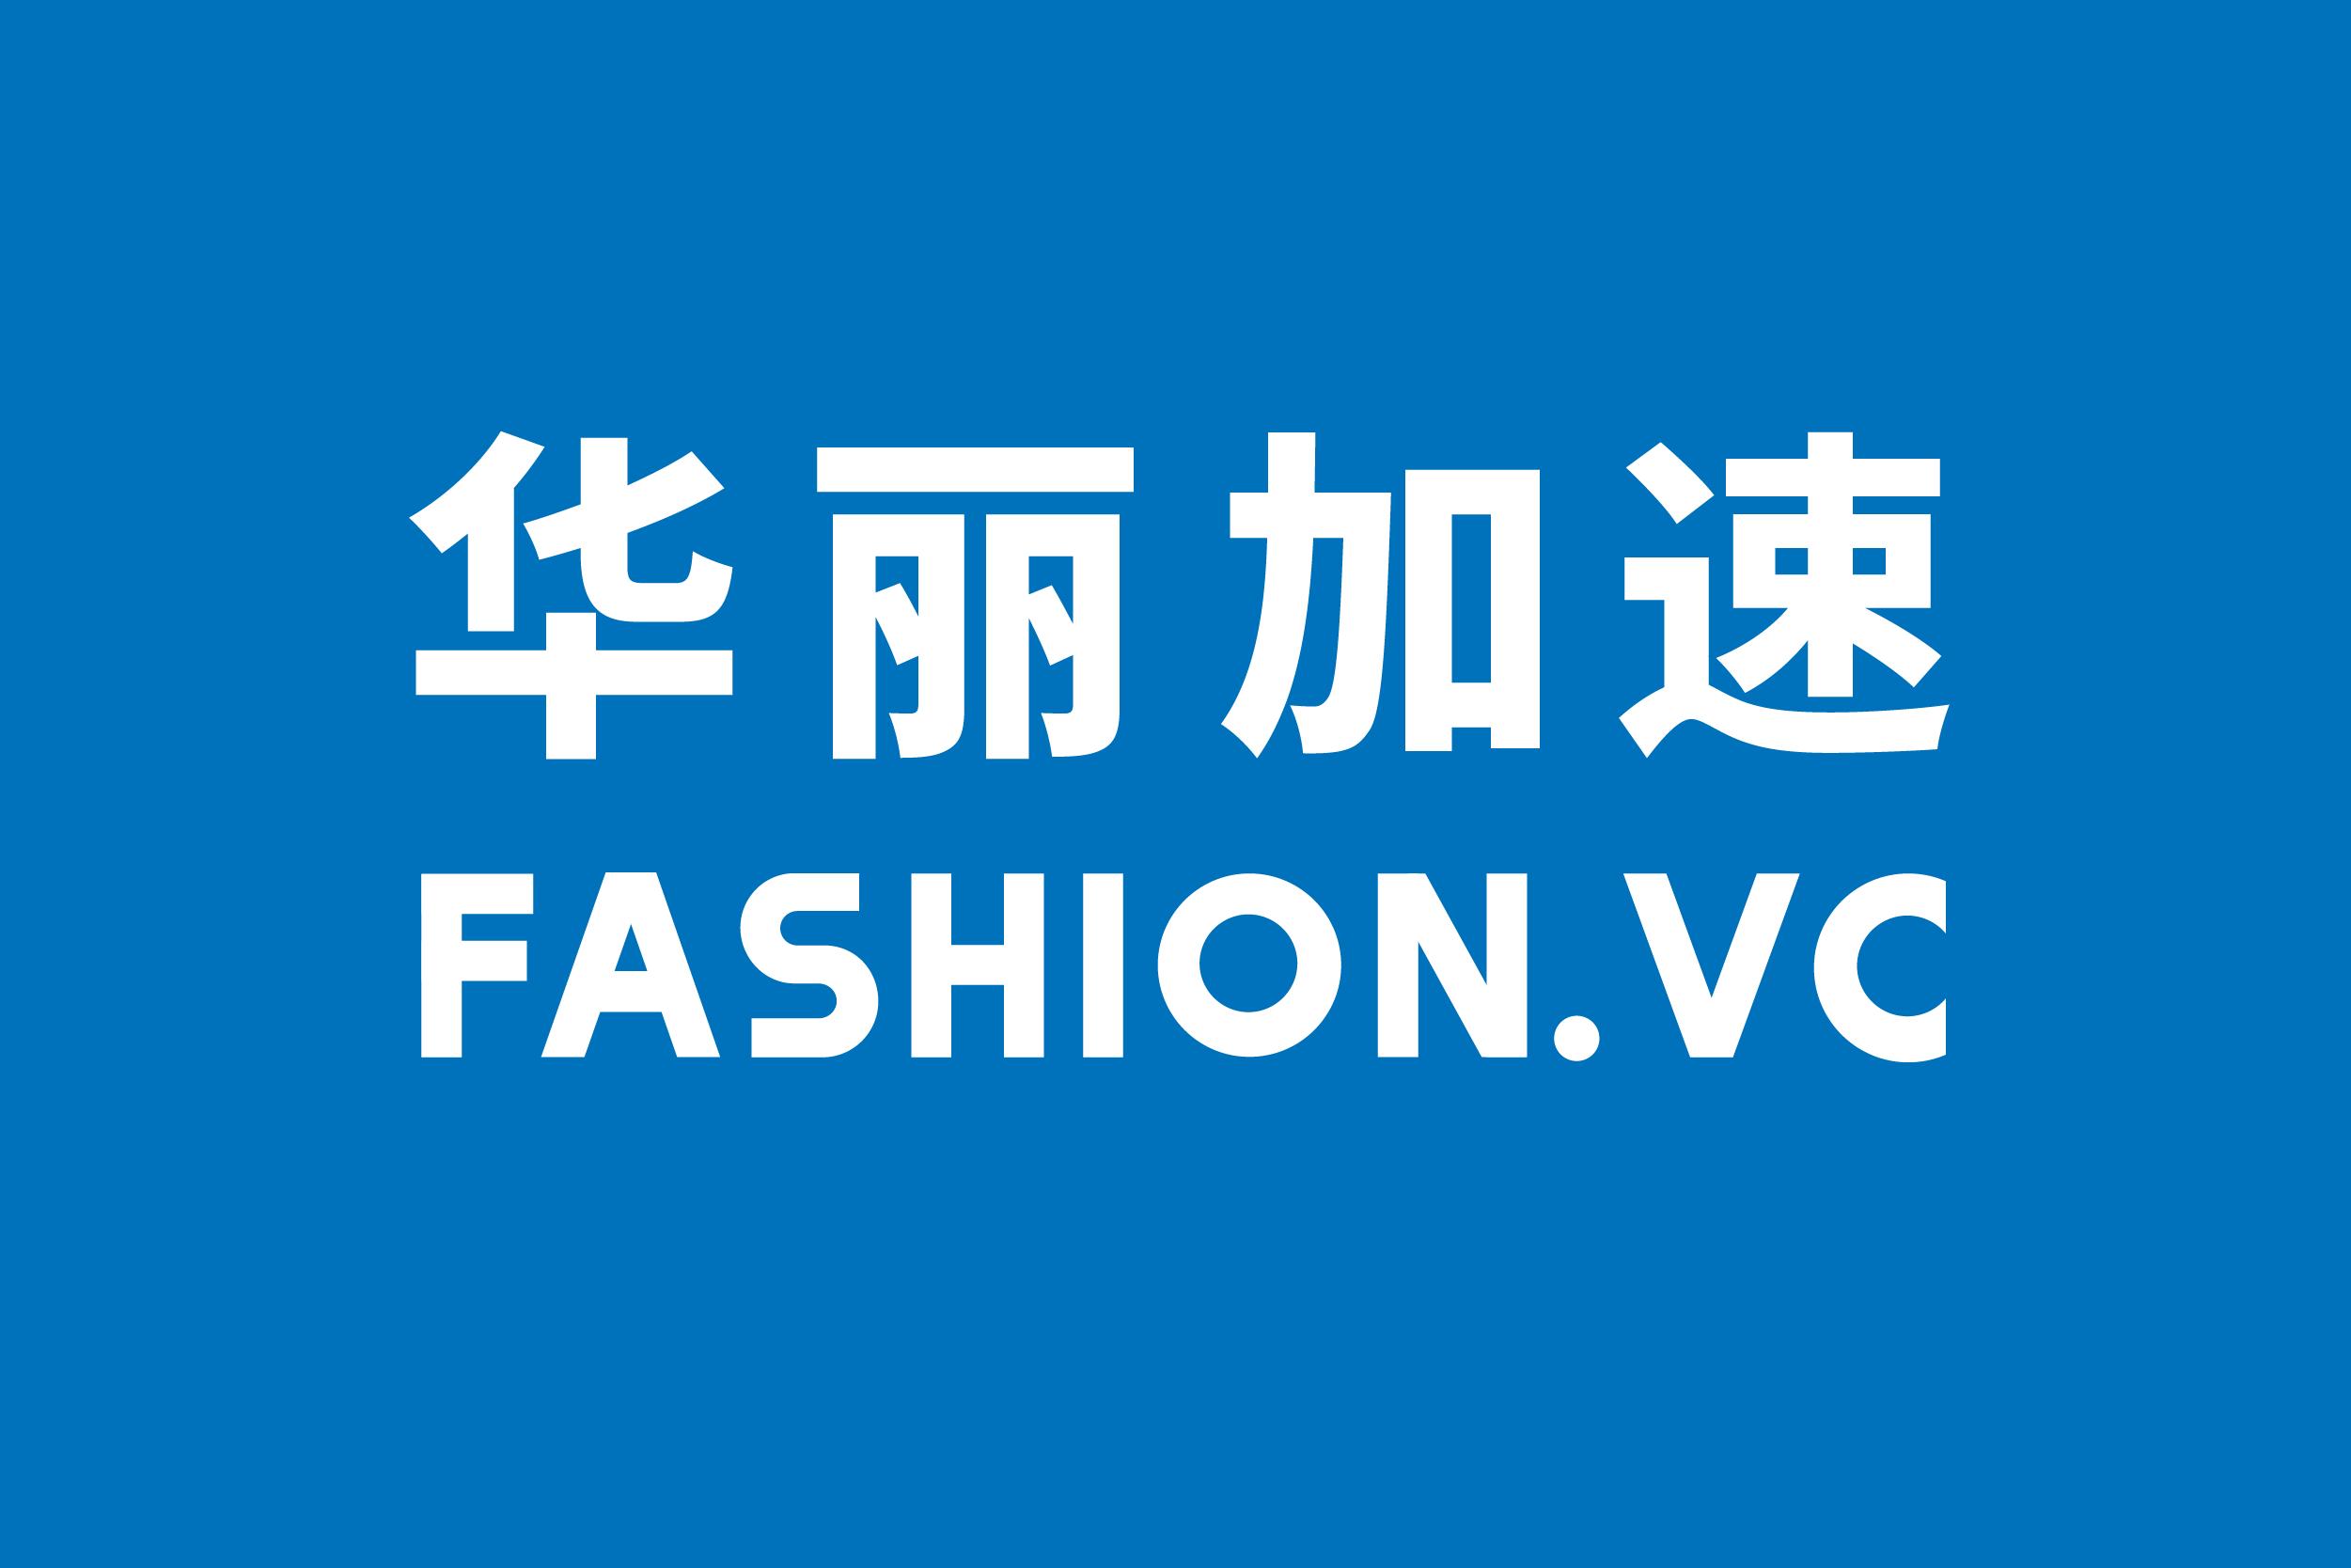 抓住入围2019年 InnoBrand 时尚创业大赛总决赛的最后机会!(报名截止:11月12日)